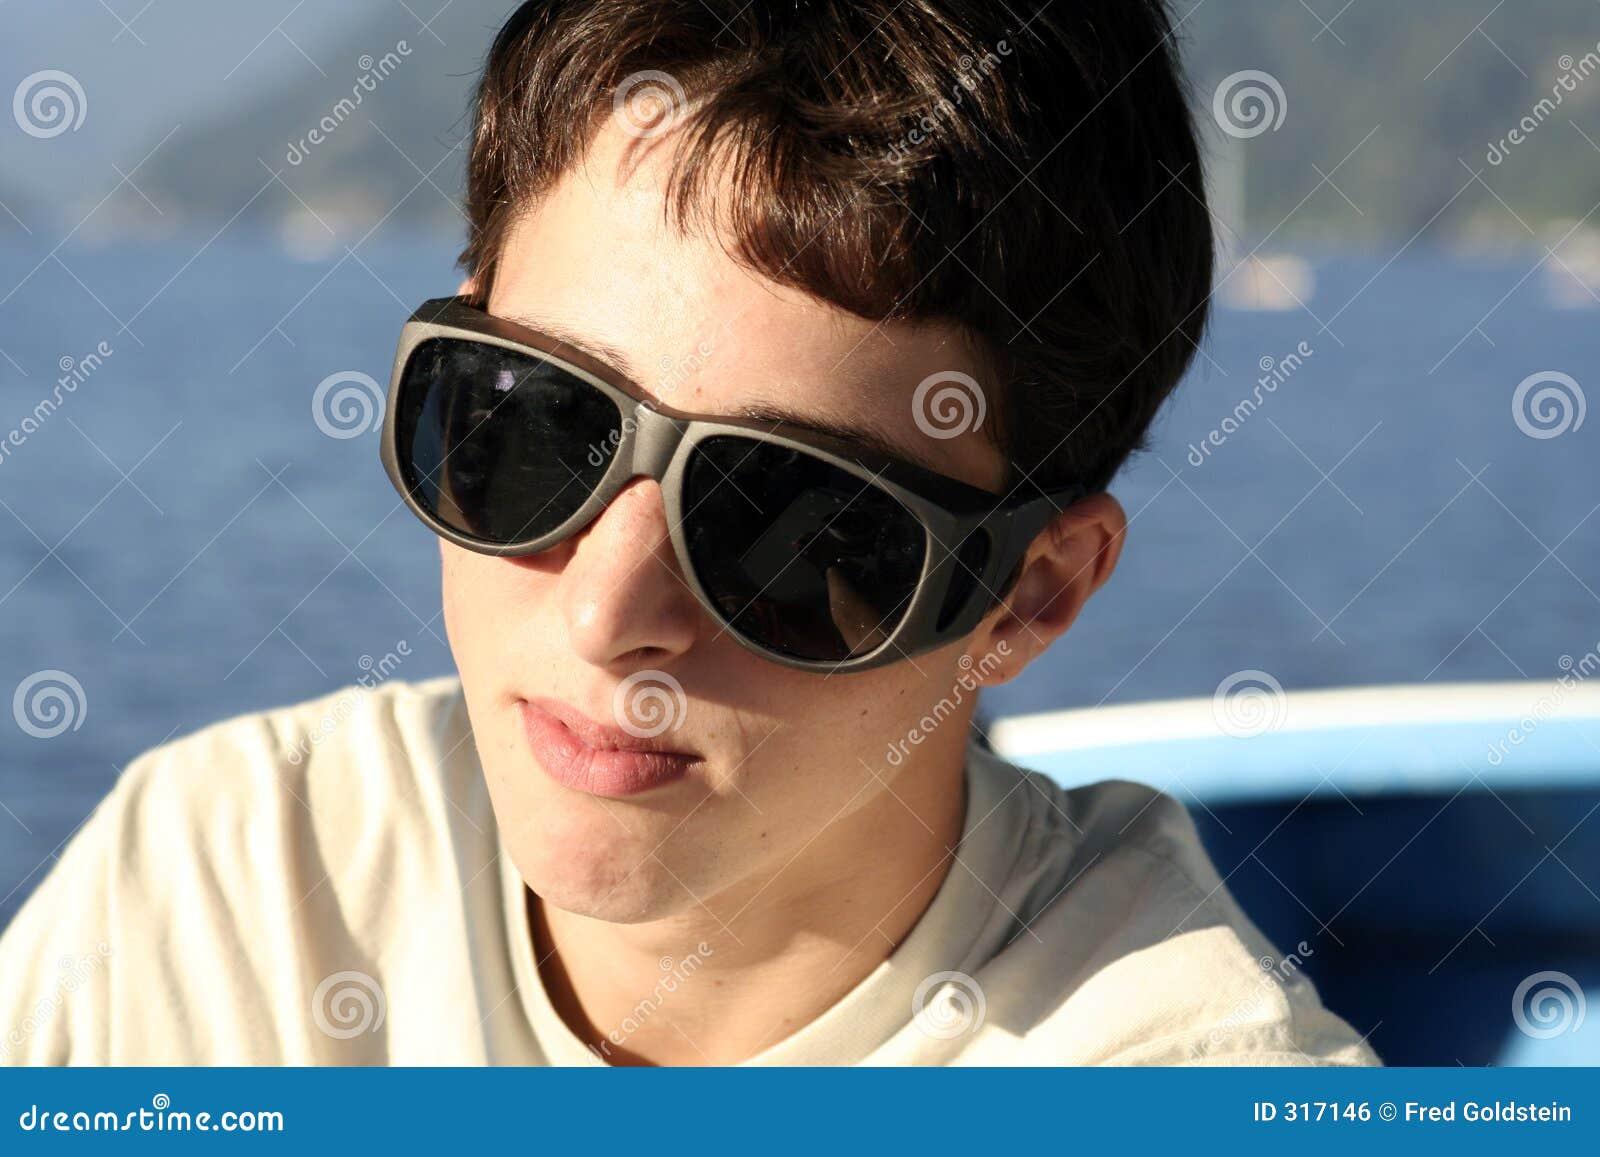 Wielkie okulary przeciwsłoneczne nastolatków.